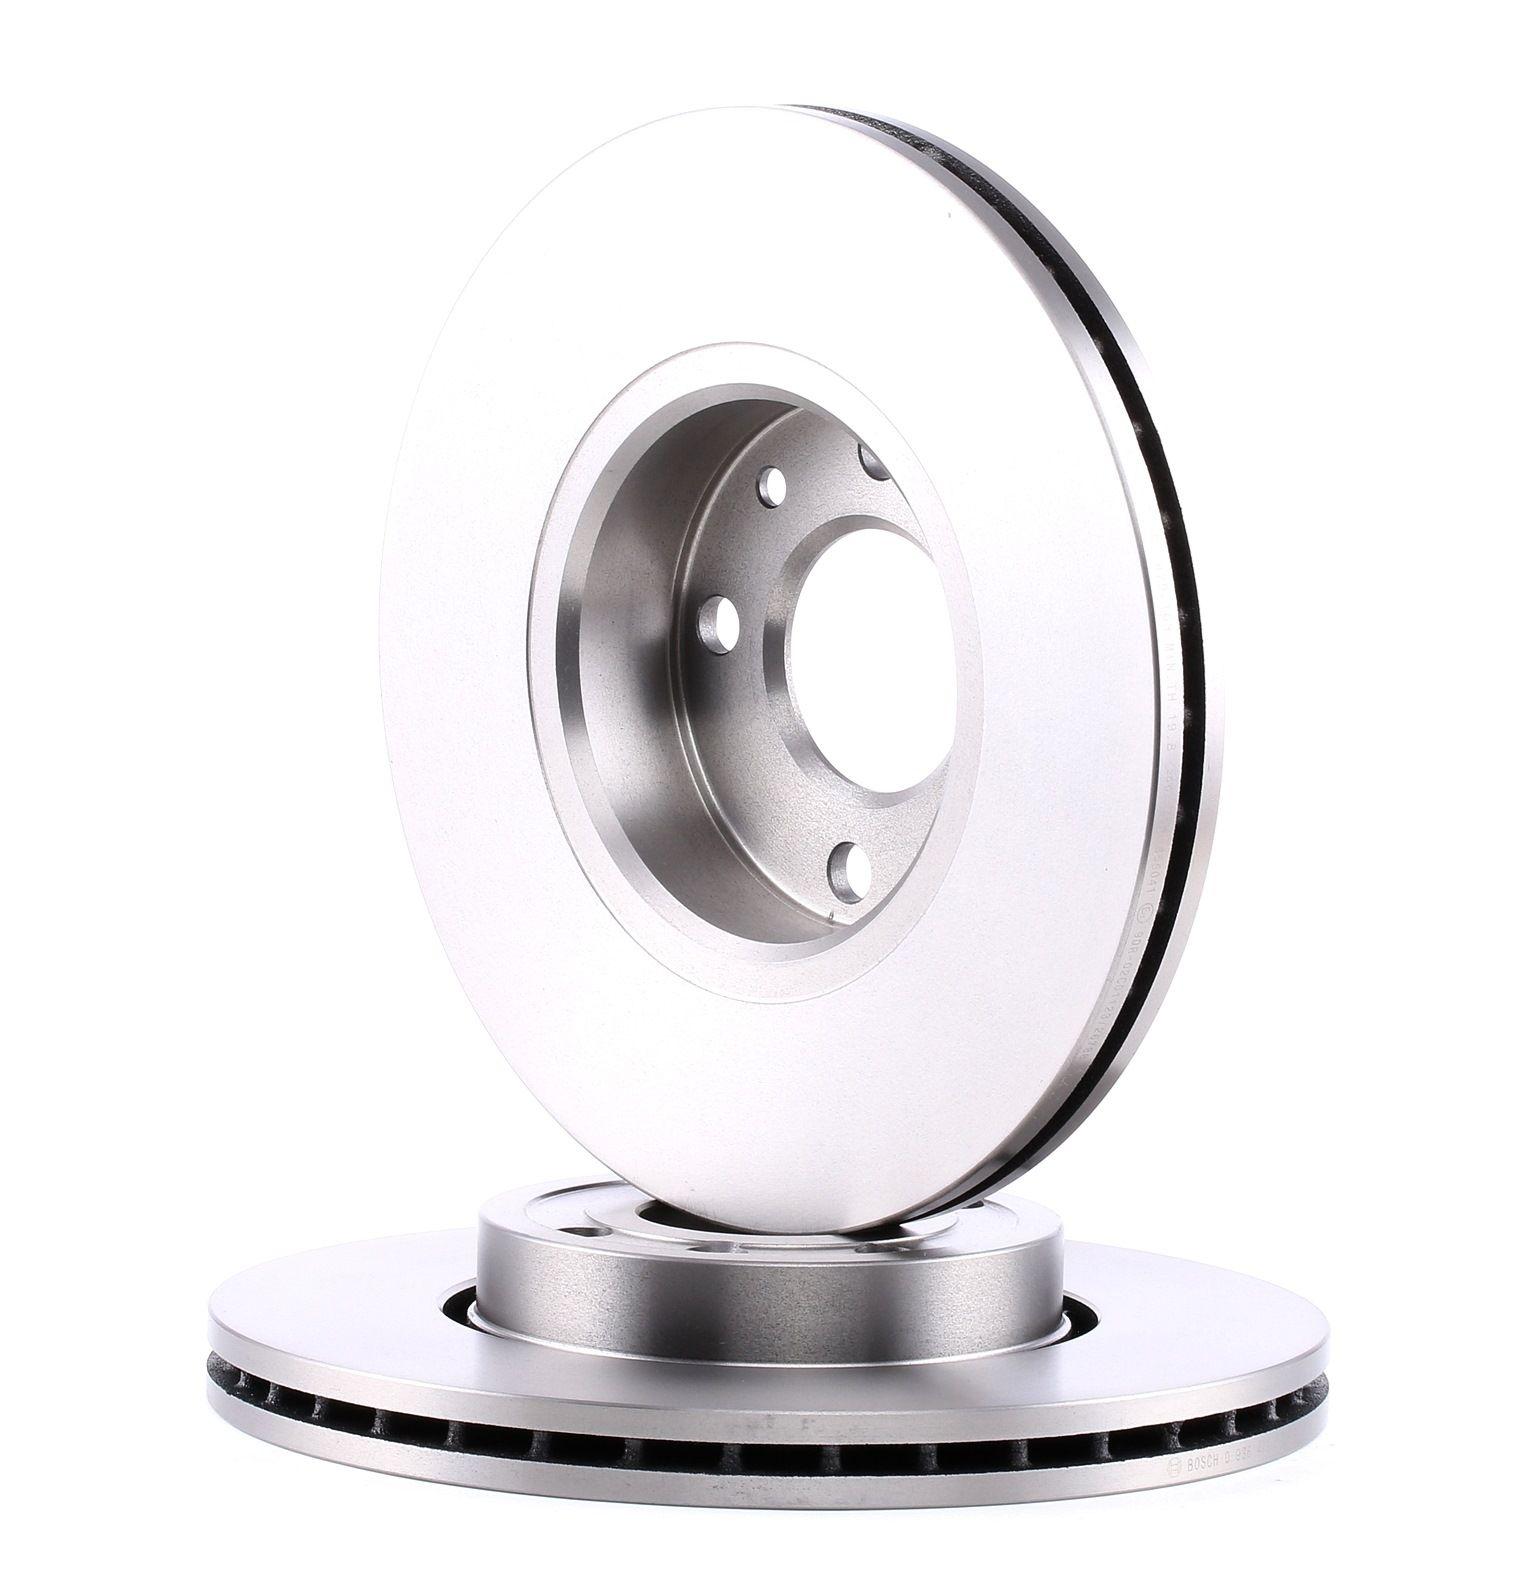 Stabdžių diskas Renault Megane 2 m. 2011 0 986 479 103